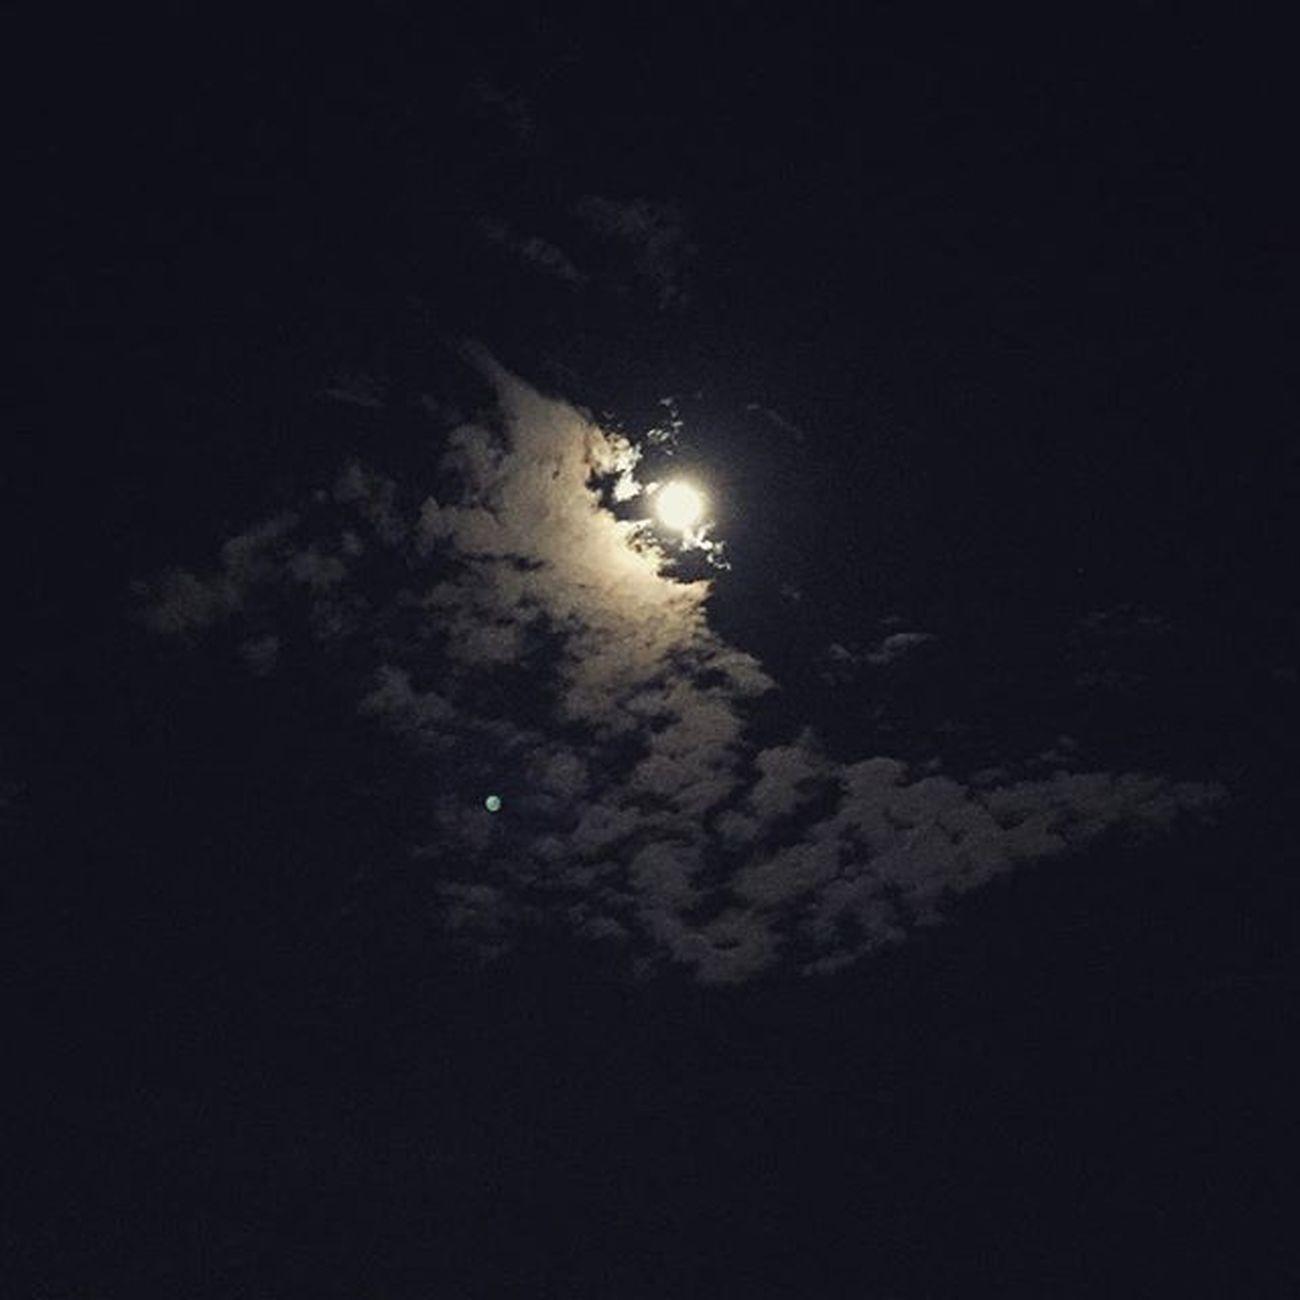 月光下 GZ Guangzhou Canton Clifford 番禺 广州 祈福新邨 月光 Moonlight